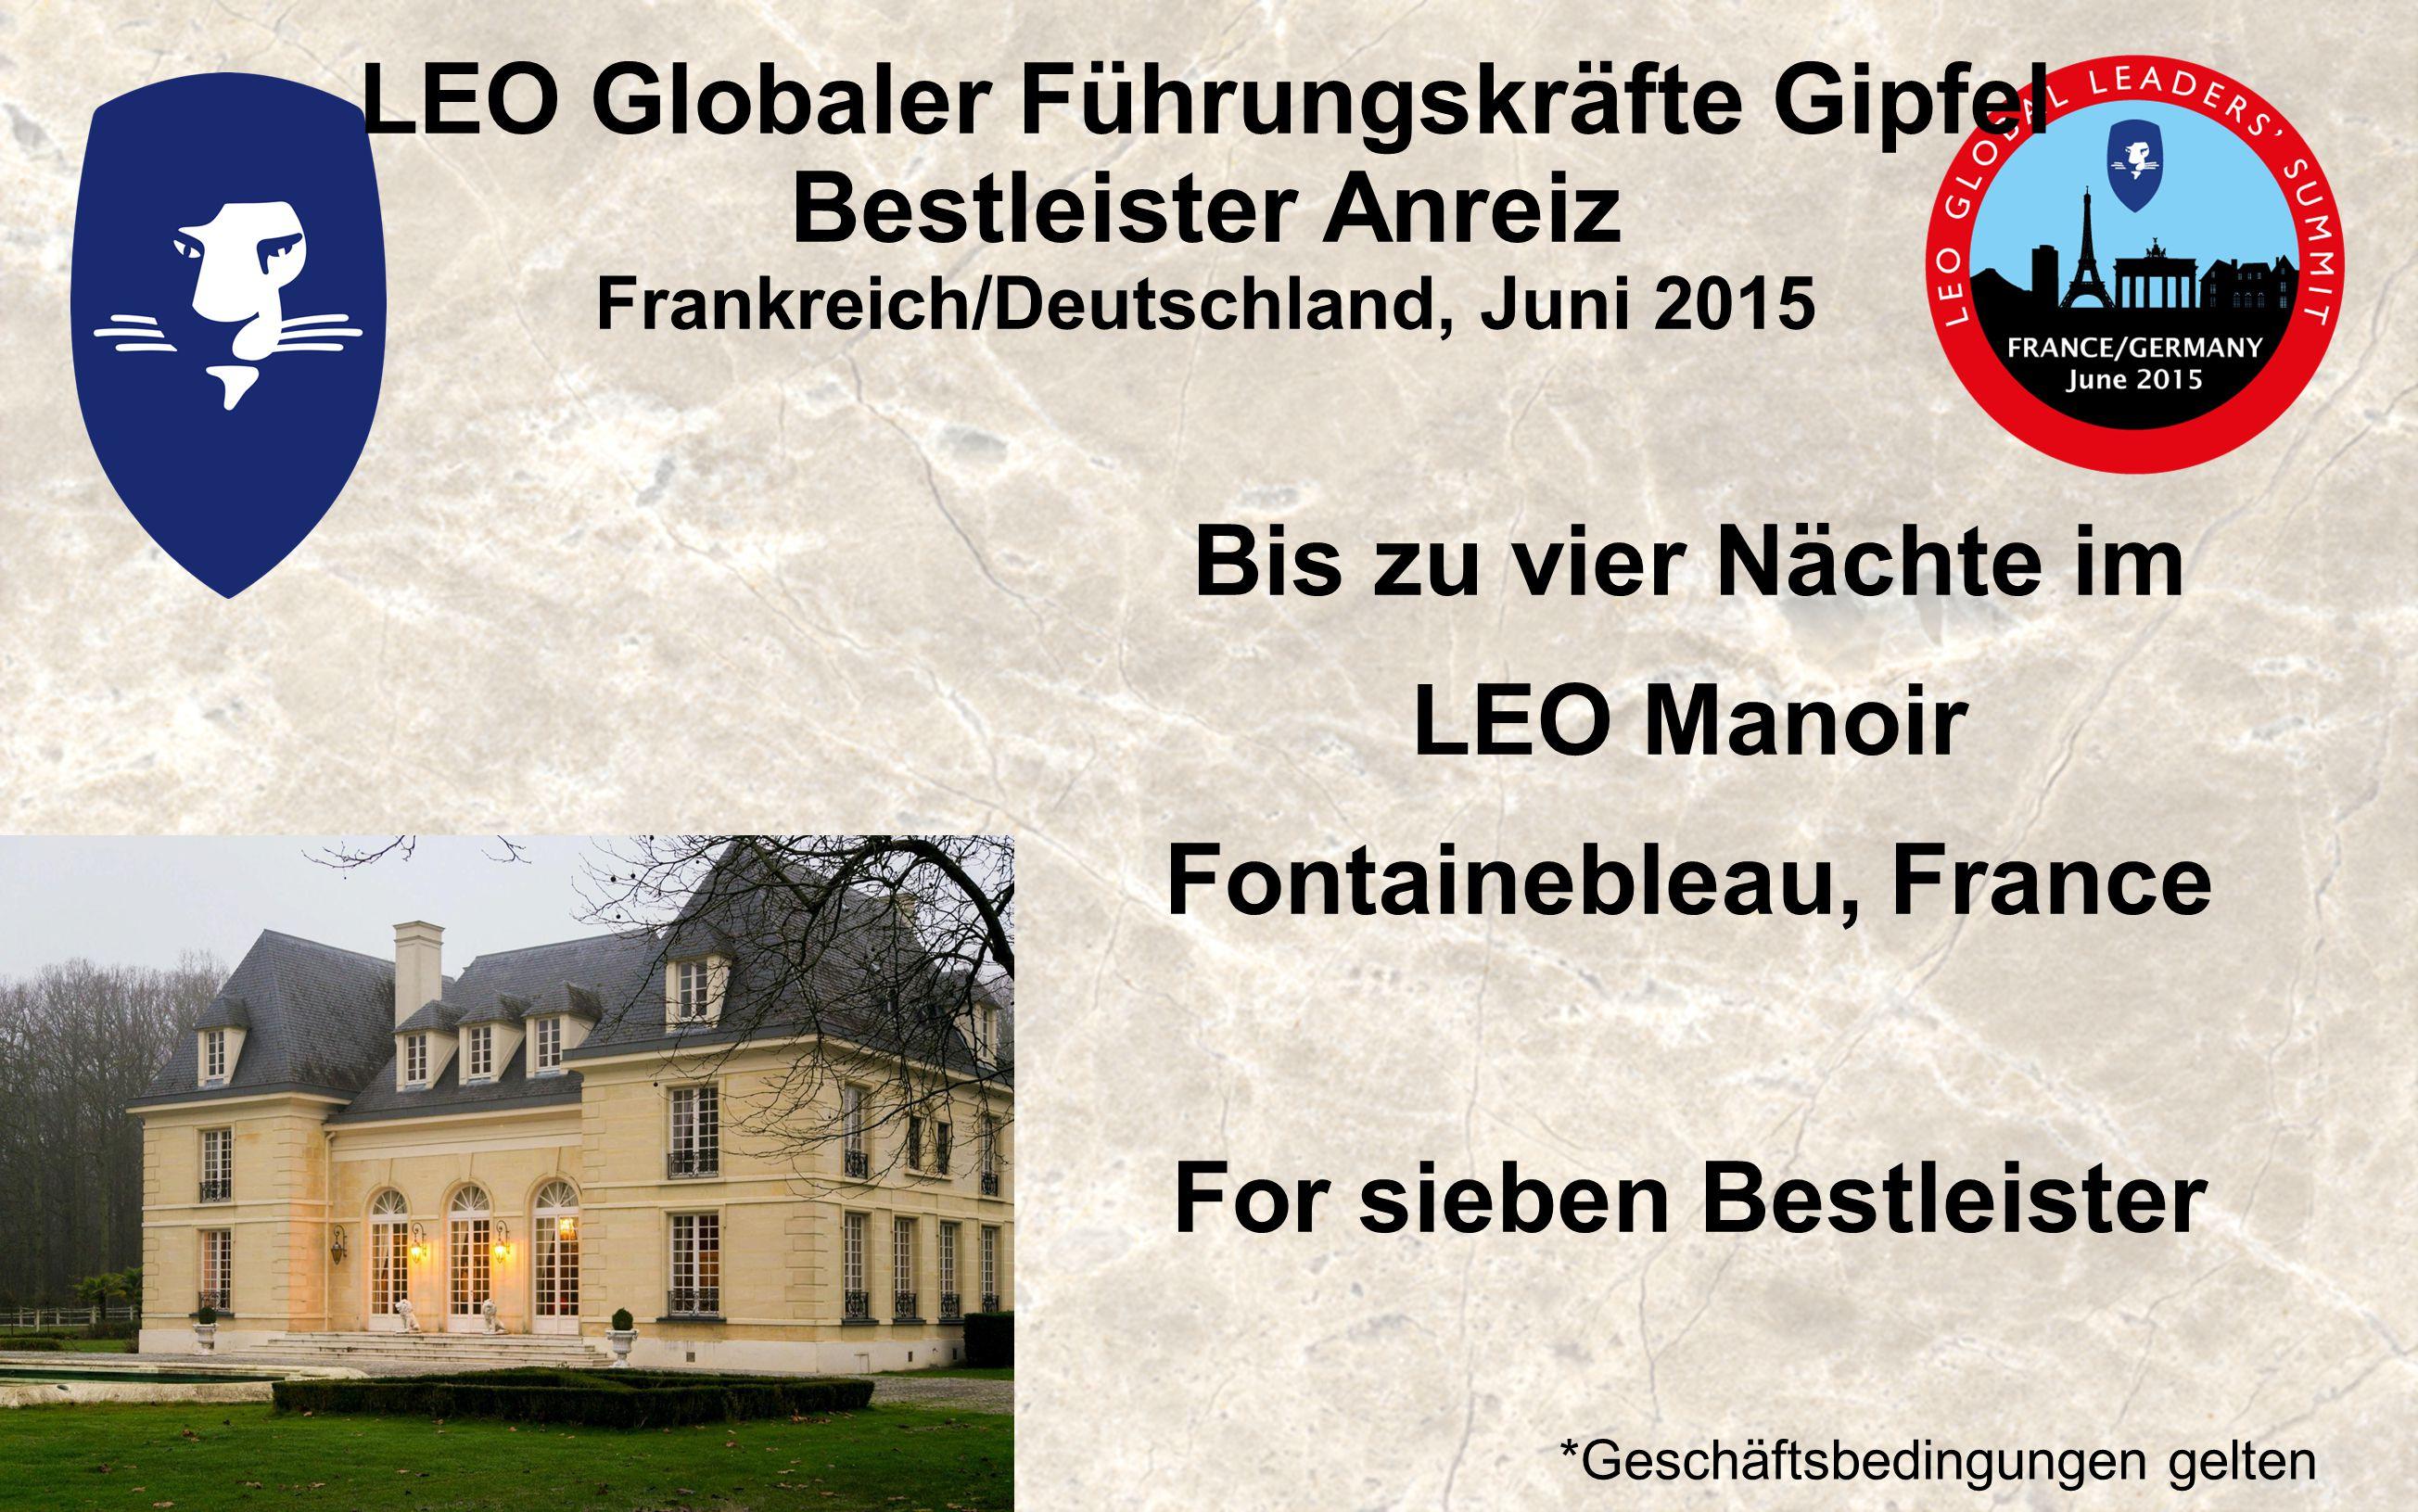 LEO Globaler Führungskräfte Gipfel Bestleister Anreiz Frankreich/Deutschland, Juni 2015 Bis zu vier Nächte im LEO Manoir Fontainebleau, France For sieben Bestleister *Geschäftsbedingungen gelten